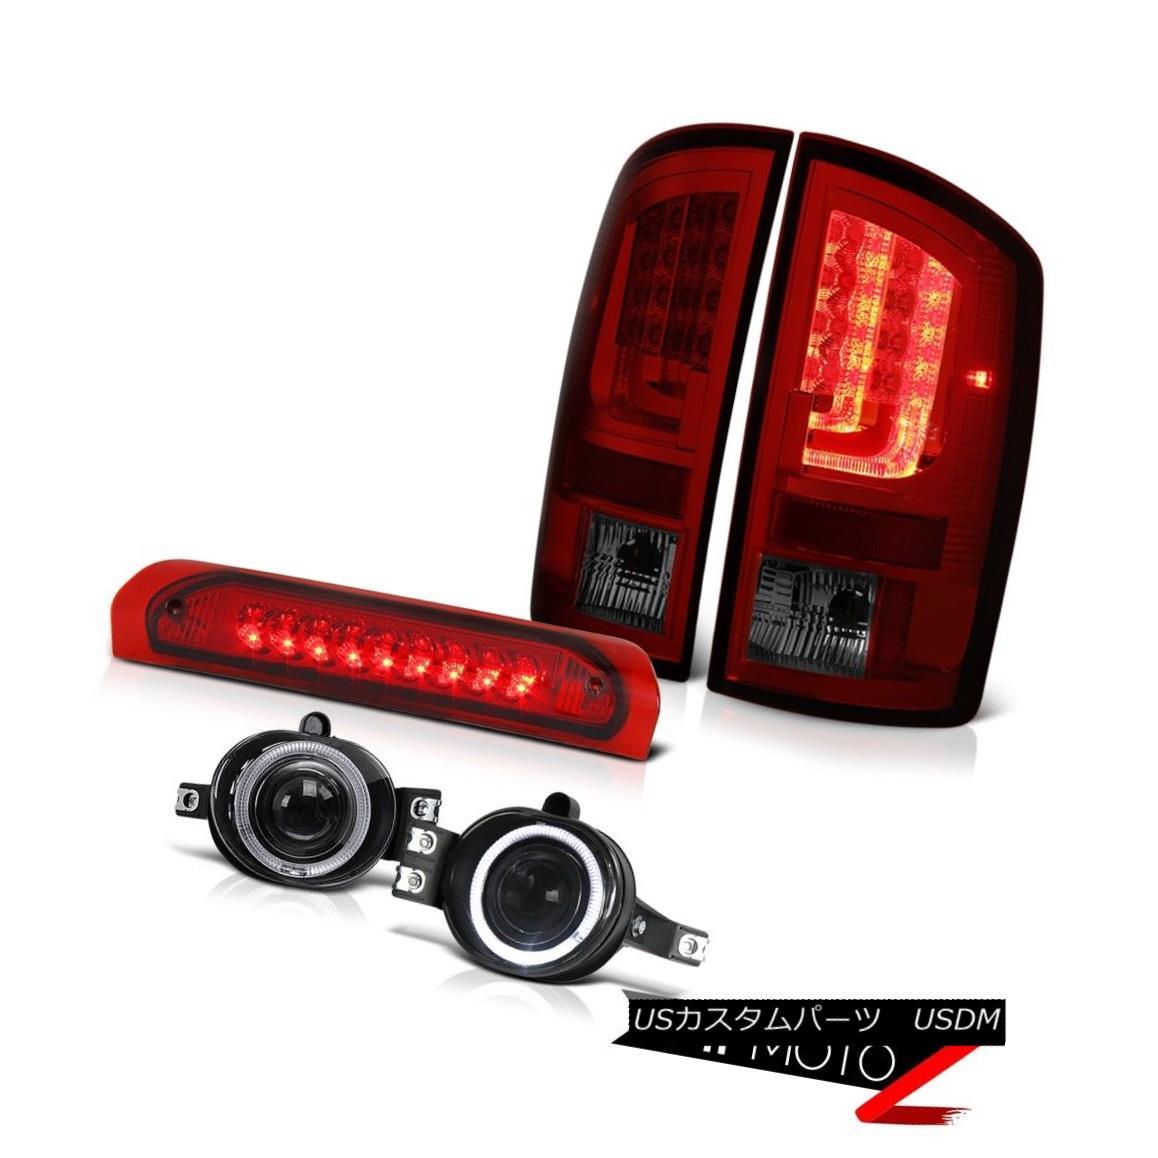 テールライト 2003-2006 Dodge Ram 3500 SLT Rear Brake Lights Fog Red 3RD Light OLED Prism LED 2003-2006 Dodge Ram 3500 SLTリアブレーキライトフォグレッド3RDライトOLEDプリズムLED